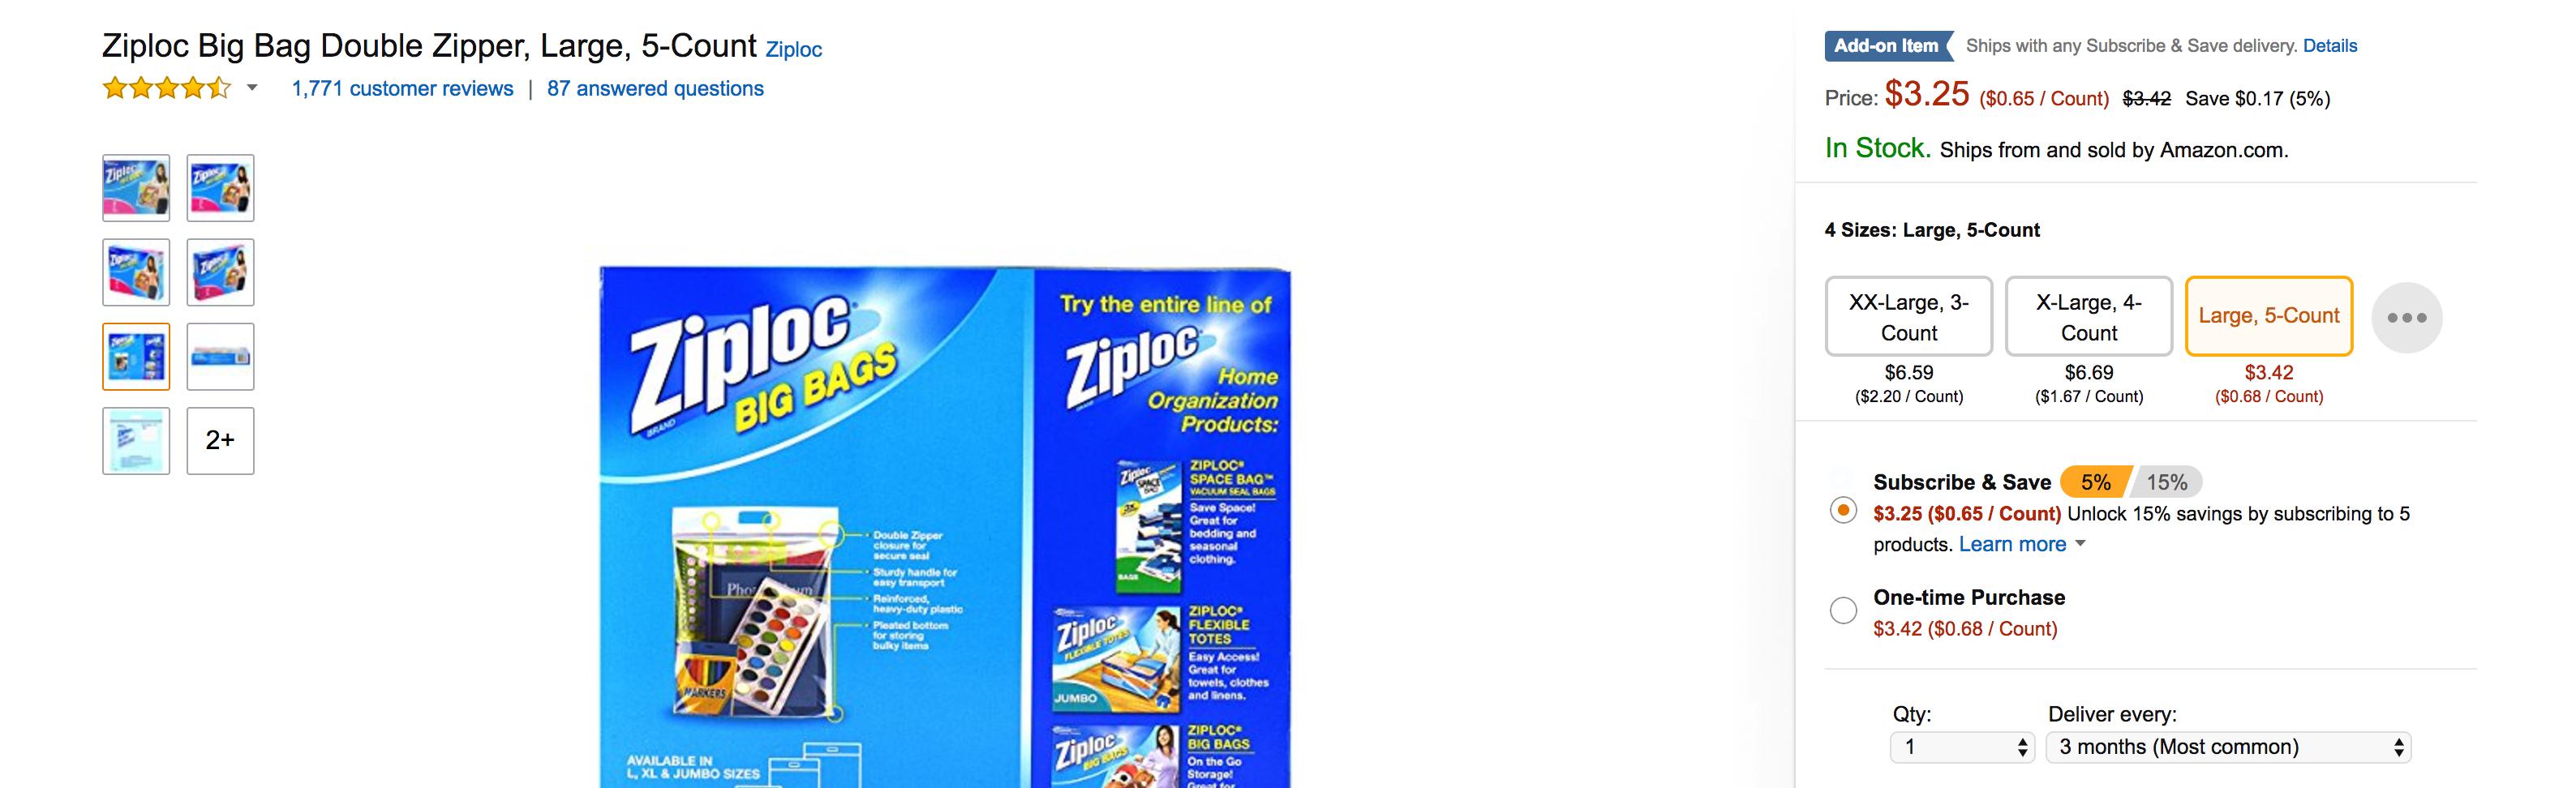 ziploc-bags-marge-sale-02